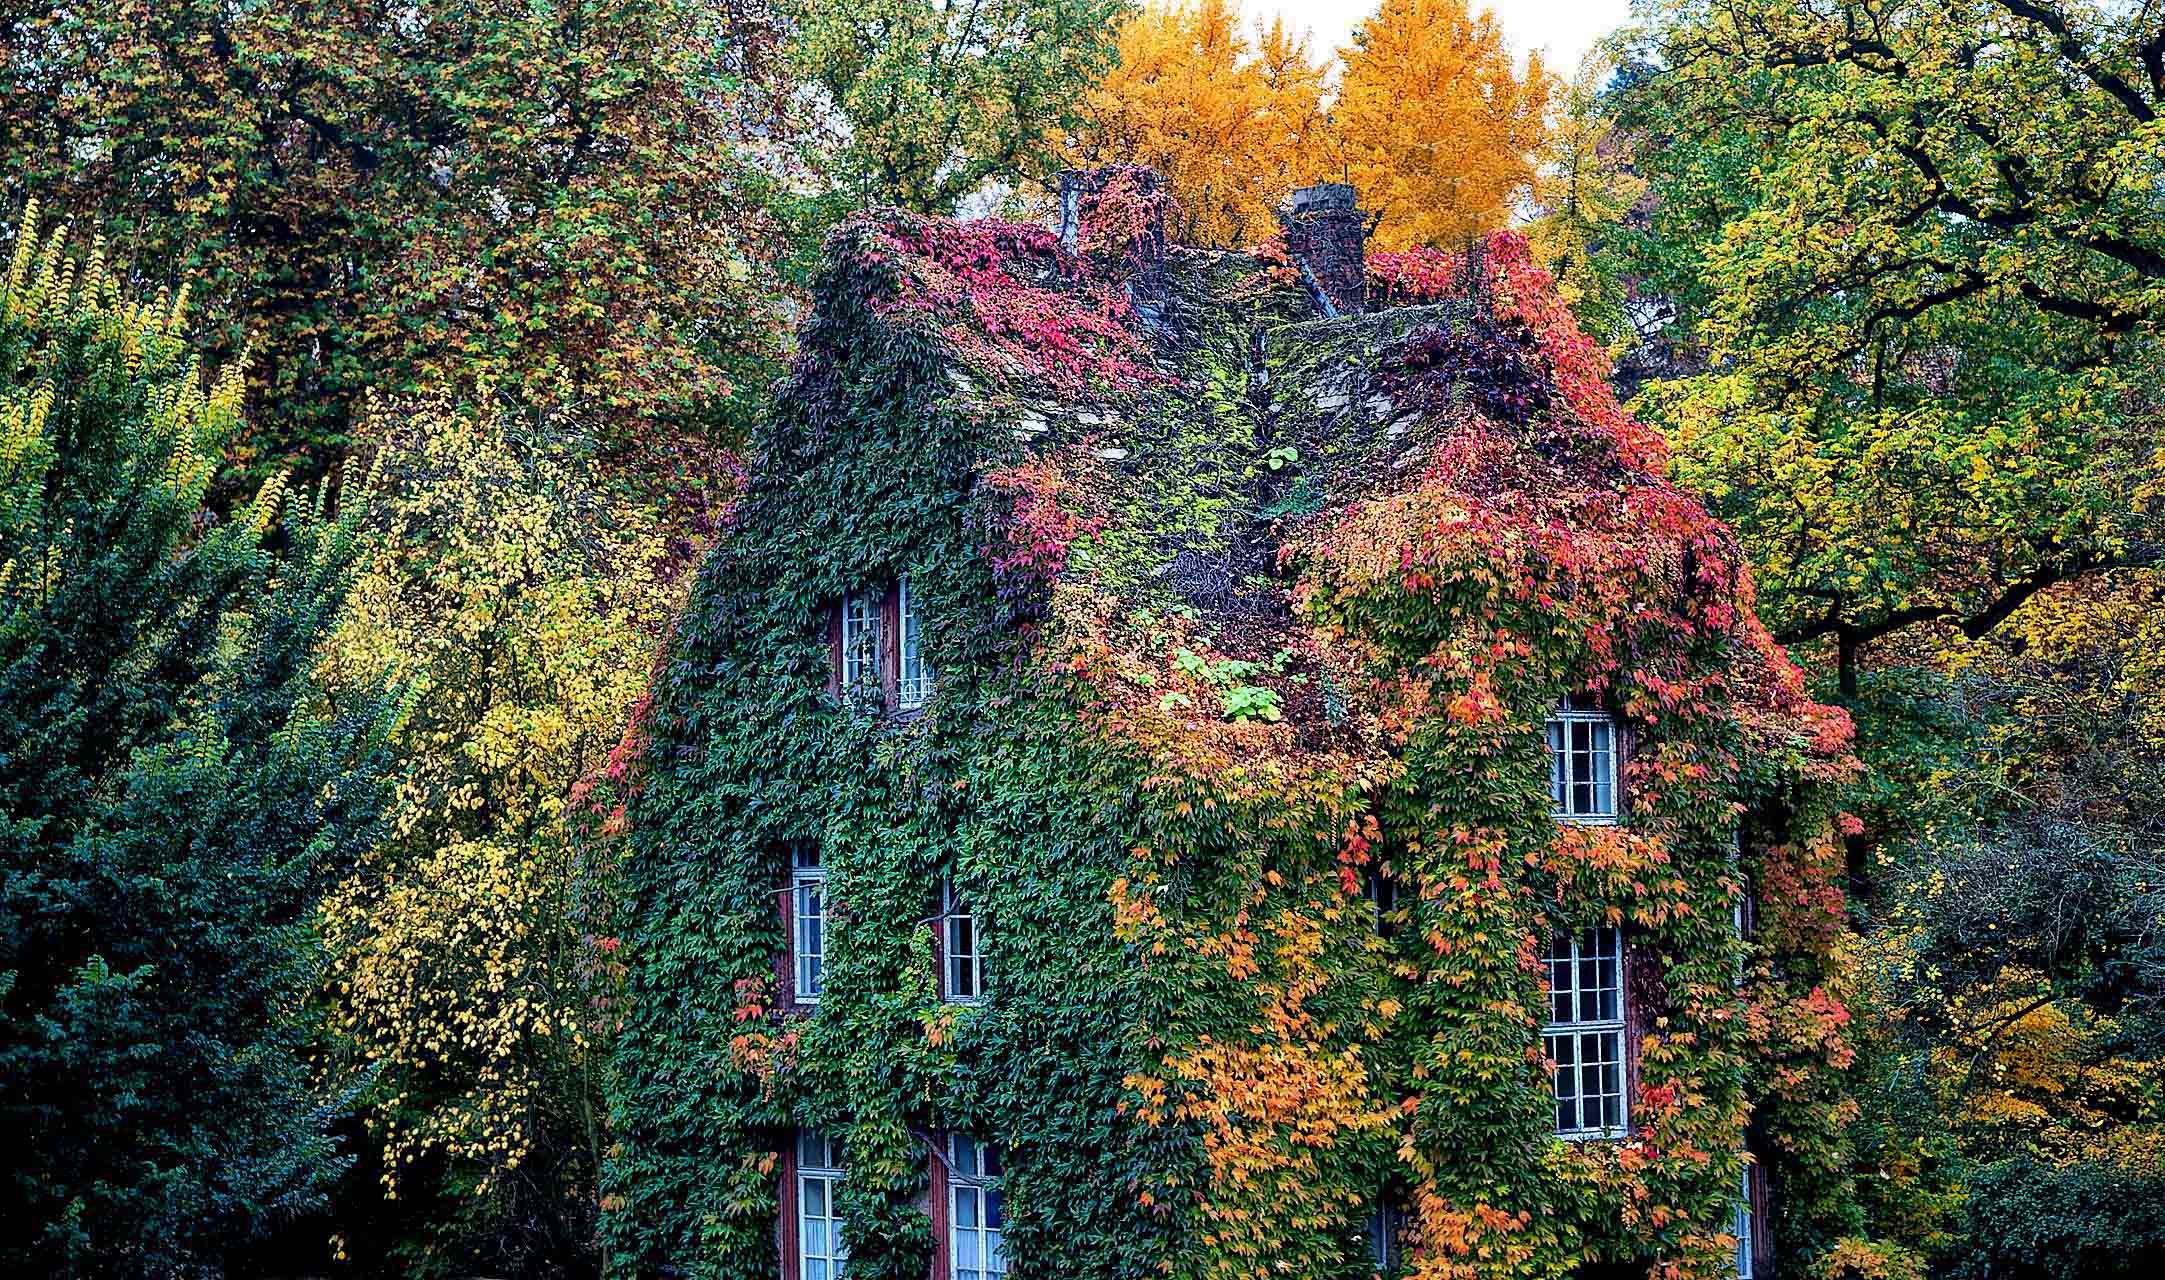 Botanischer Garten Der Justus Liebig Universitat Giessen Mamilade Ausflugsziele